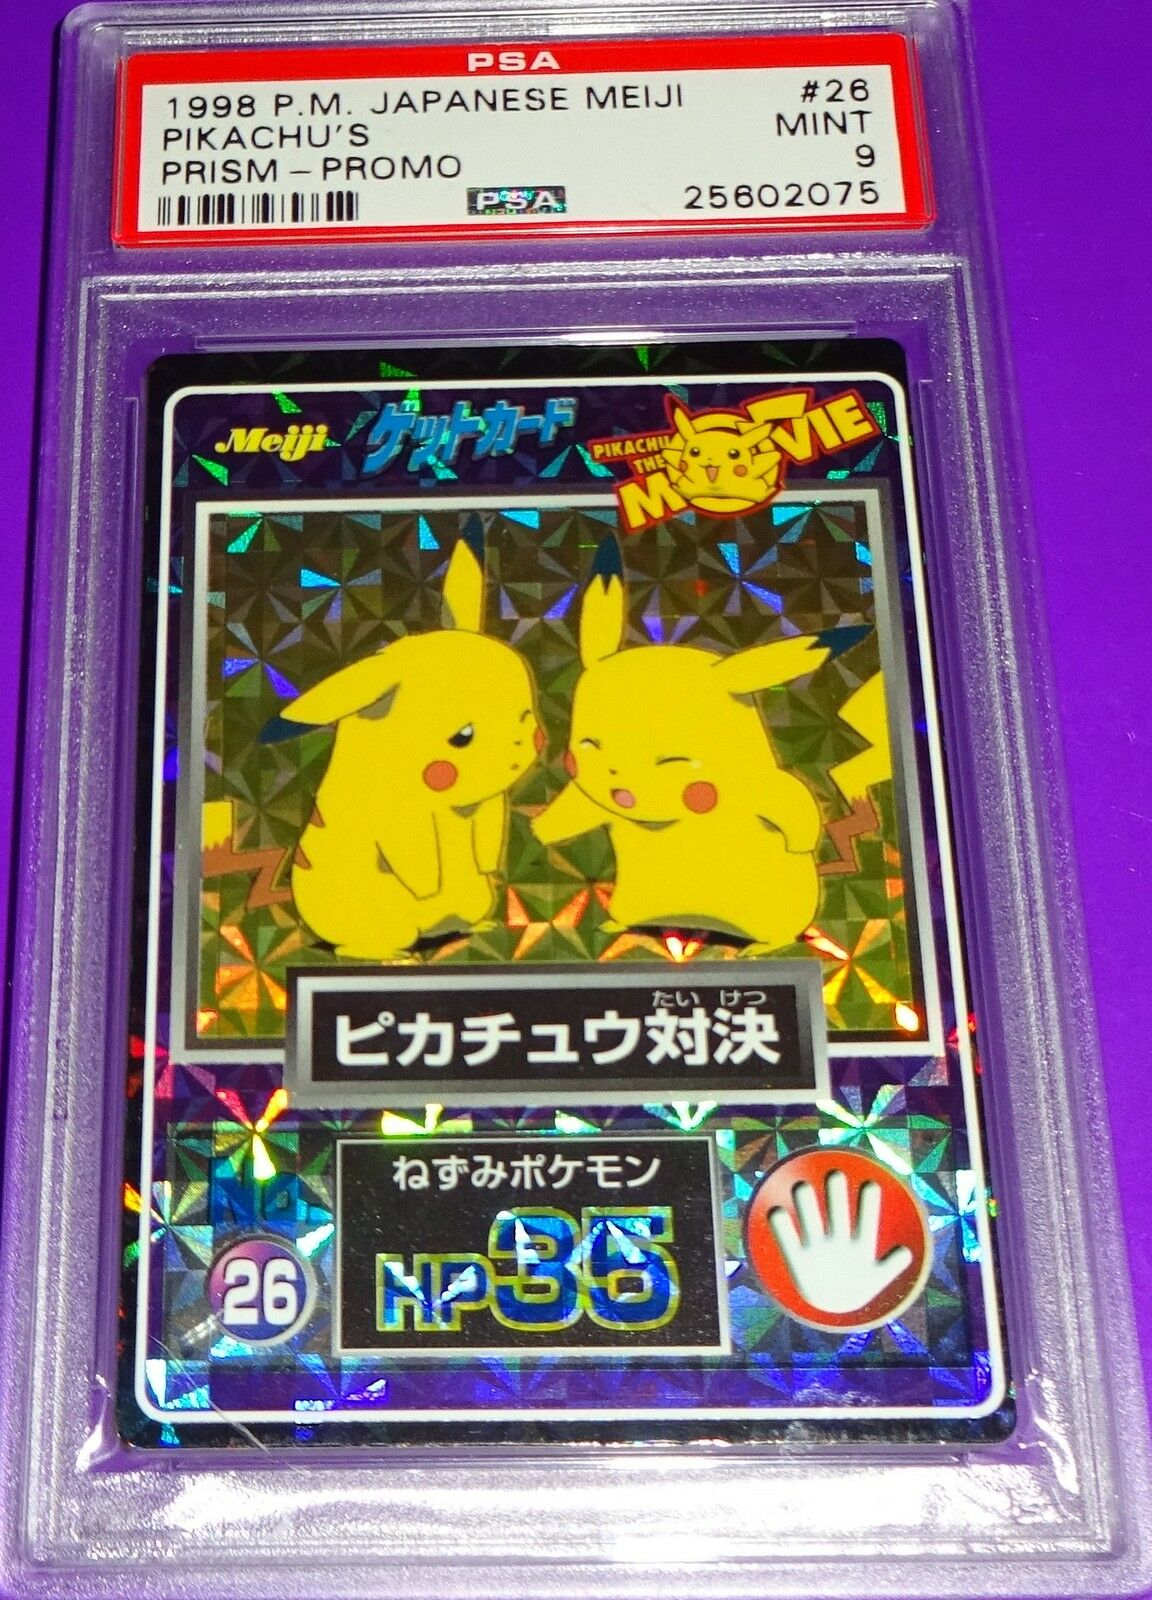 Pokemon Pokemon Pokemon  Pikachu's   Meiji  Prism Foil Psa  9 fc688a